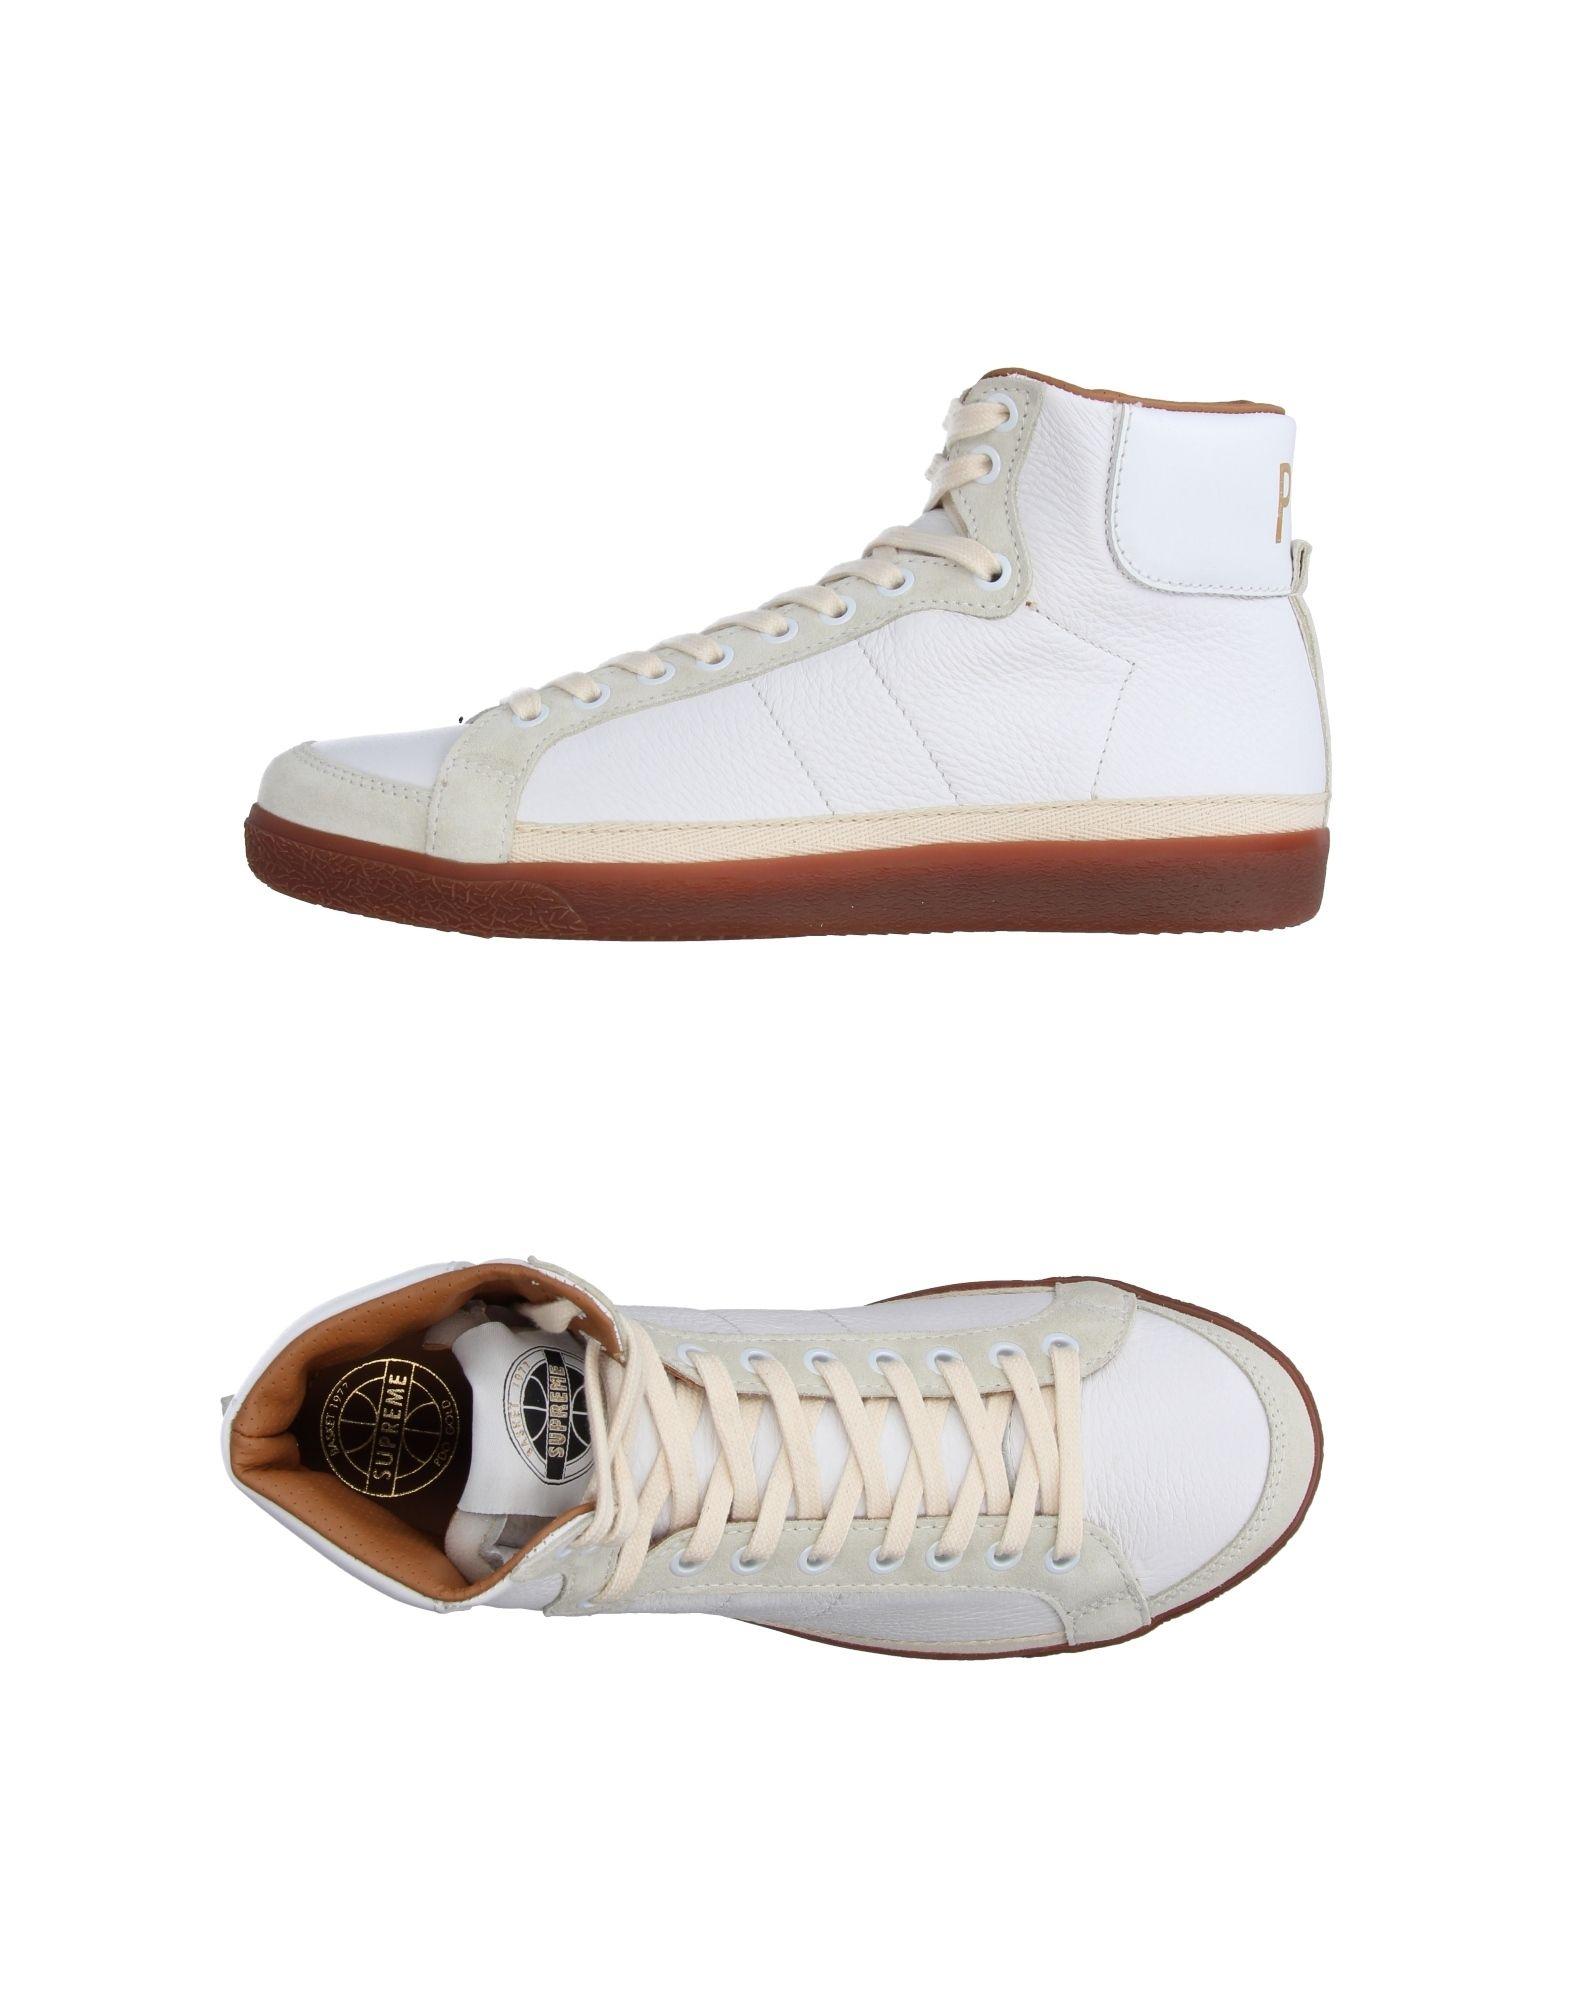 Rabatt echte Schuhe Pantofola D'oro Sneakers Herren  11221590JL